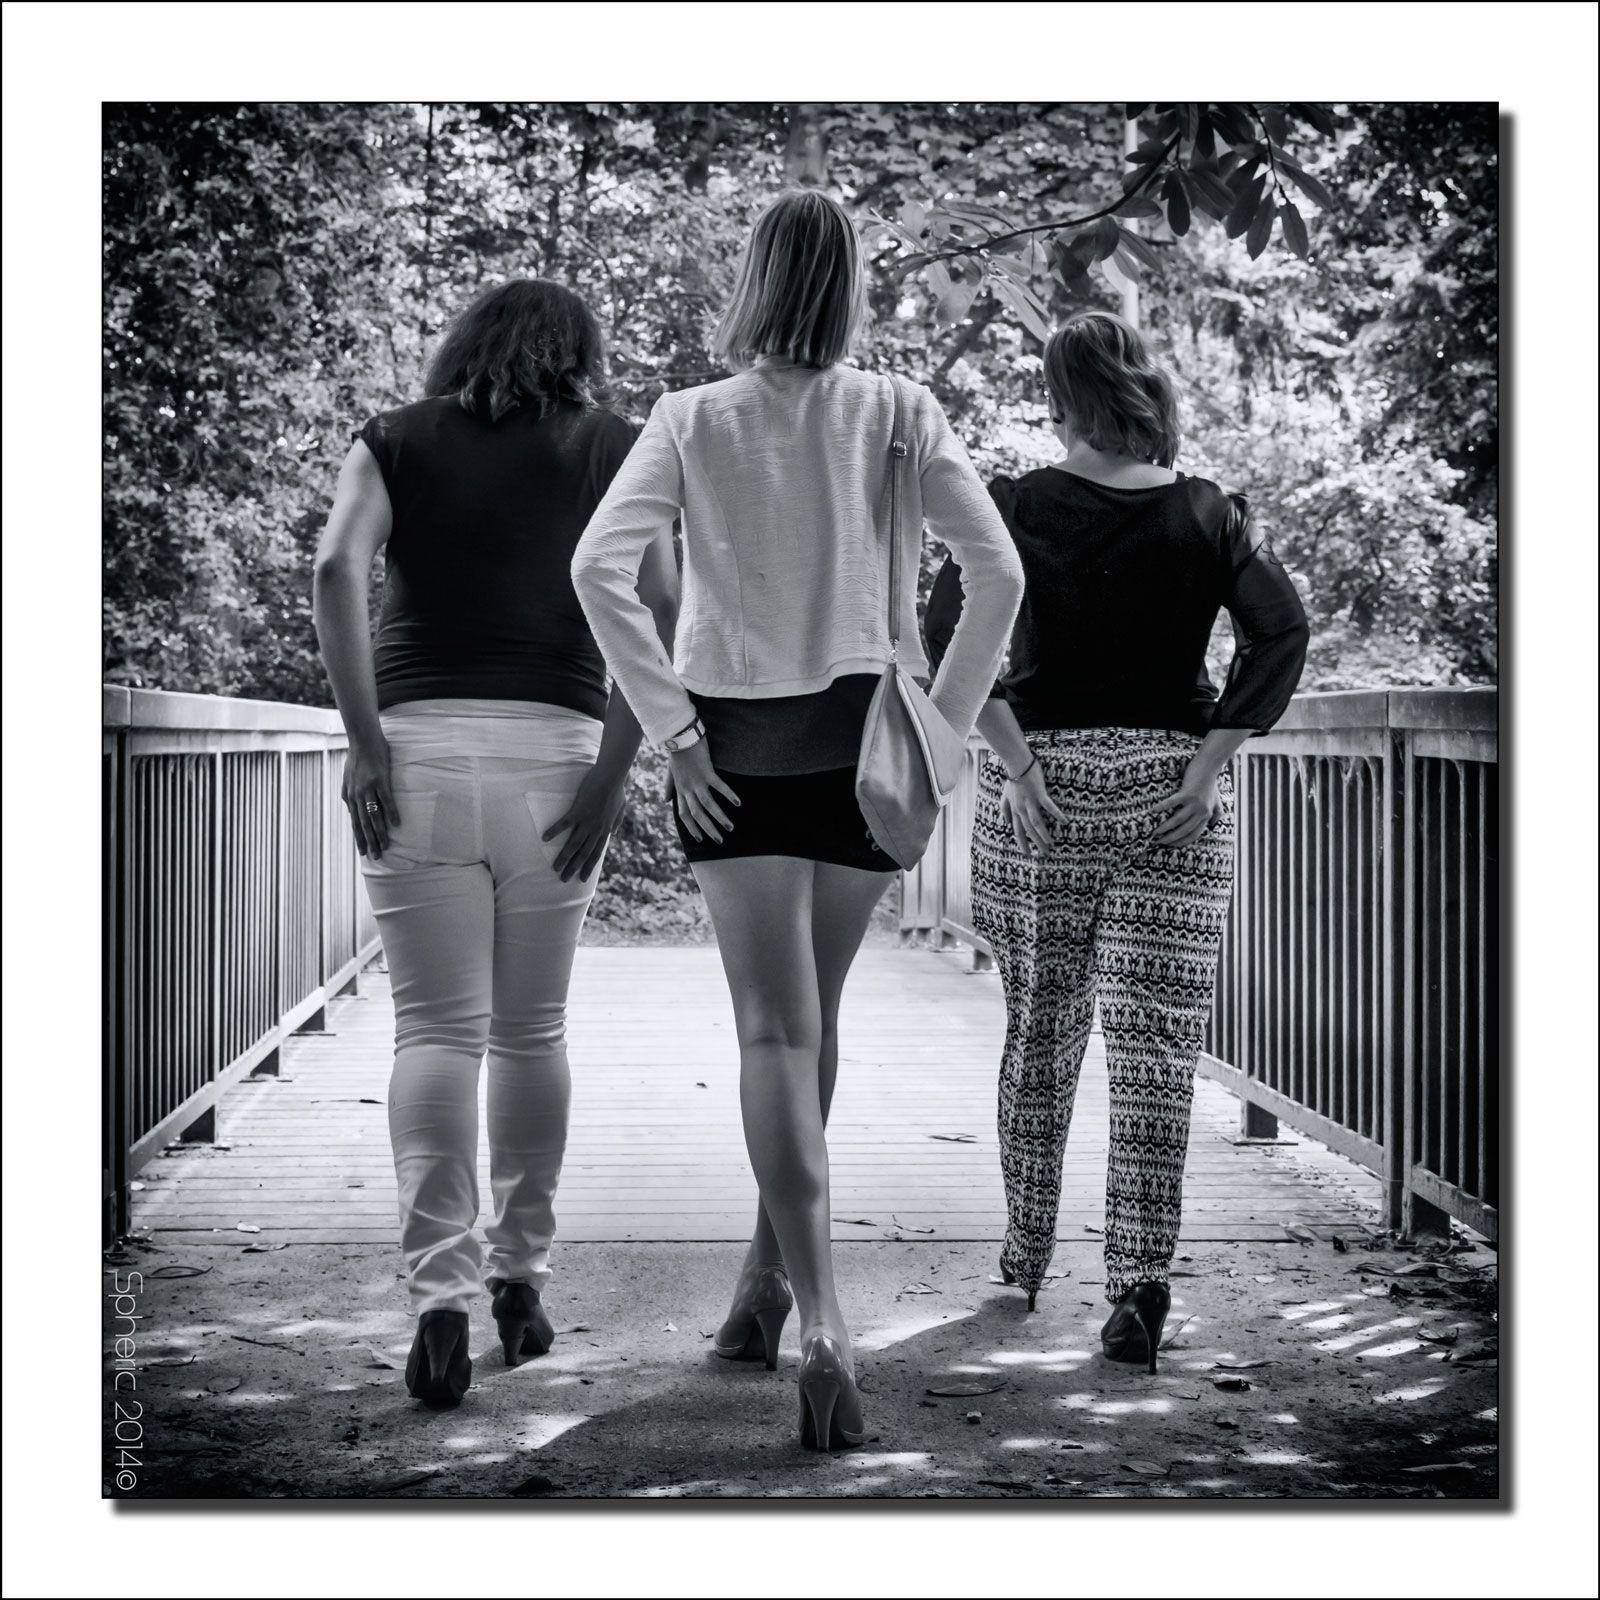 Foto Van 3 Sexy Meiden Misschien Ook Een Idee Voor Vrijgezellen